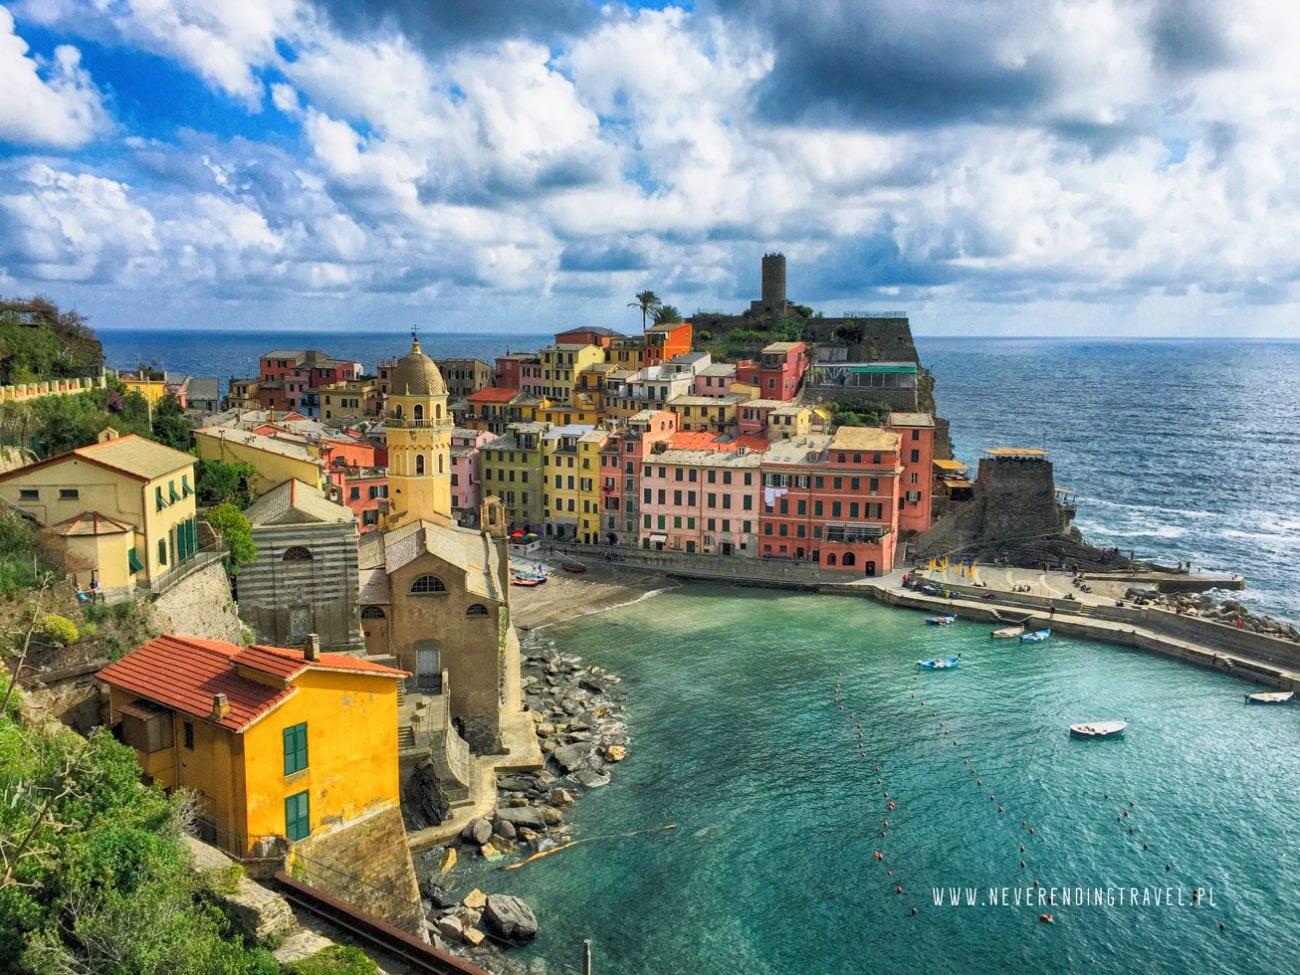 vernazza w Cinque Terre, widok na kolorowe domki wybudowane na skałach schodzących do morza